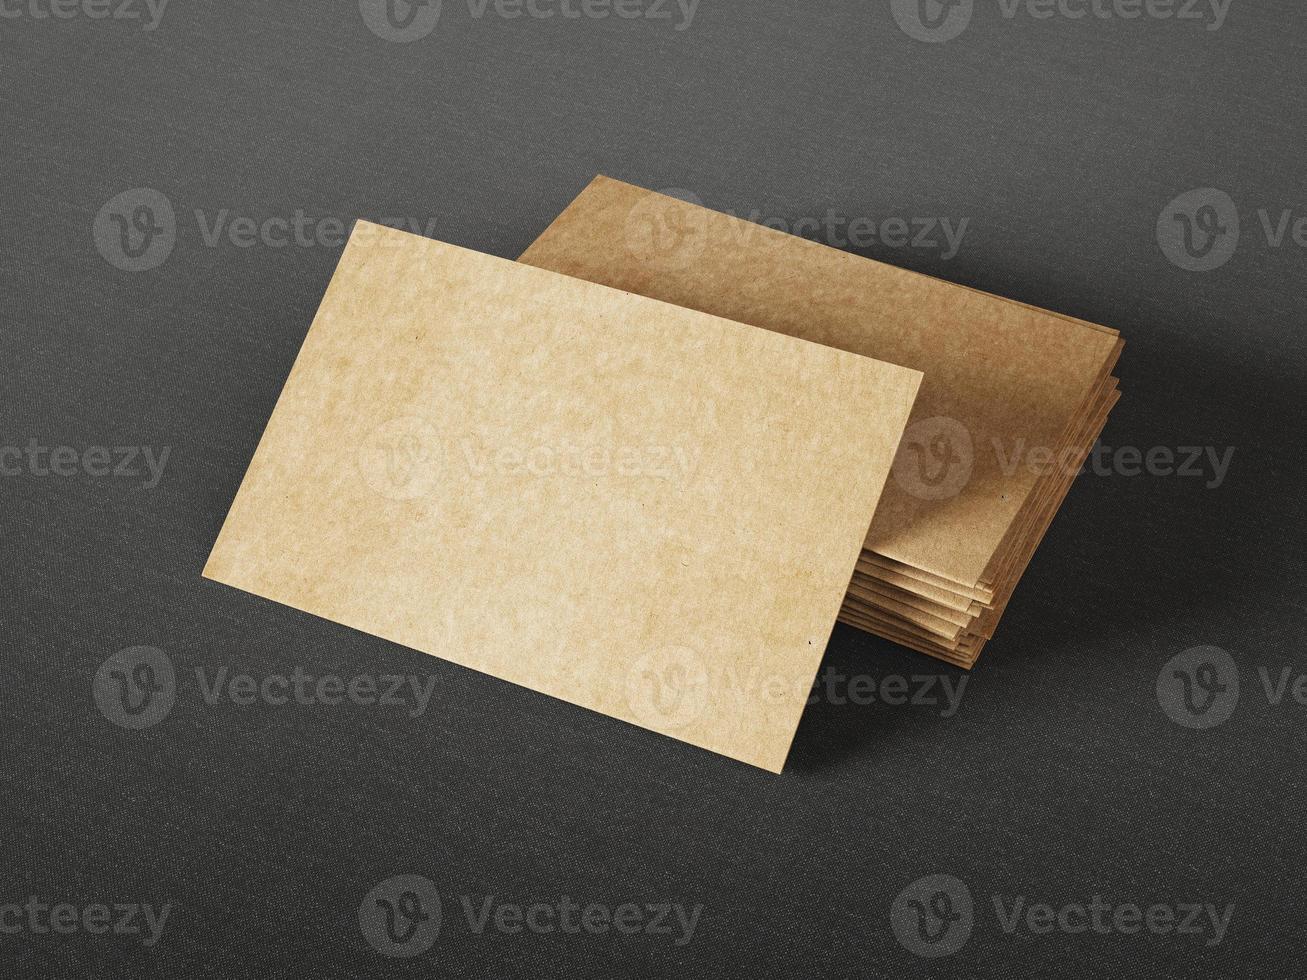 kartonnen visitekaartjes op donkere achtergrond foto